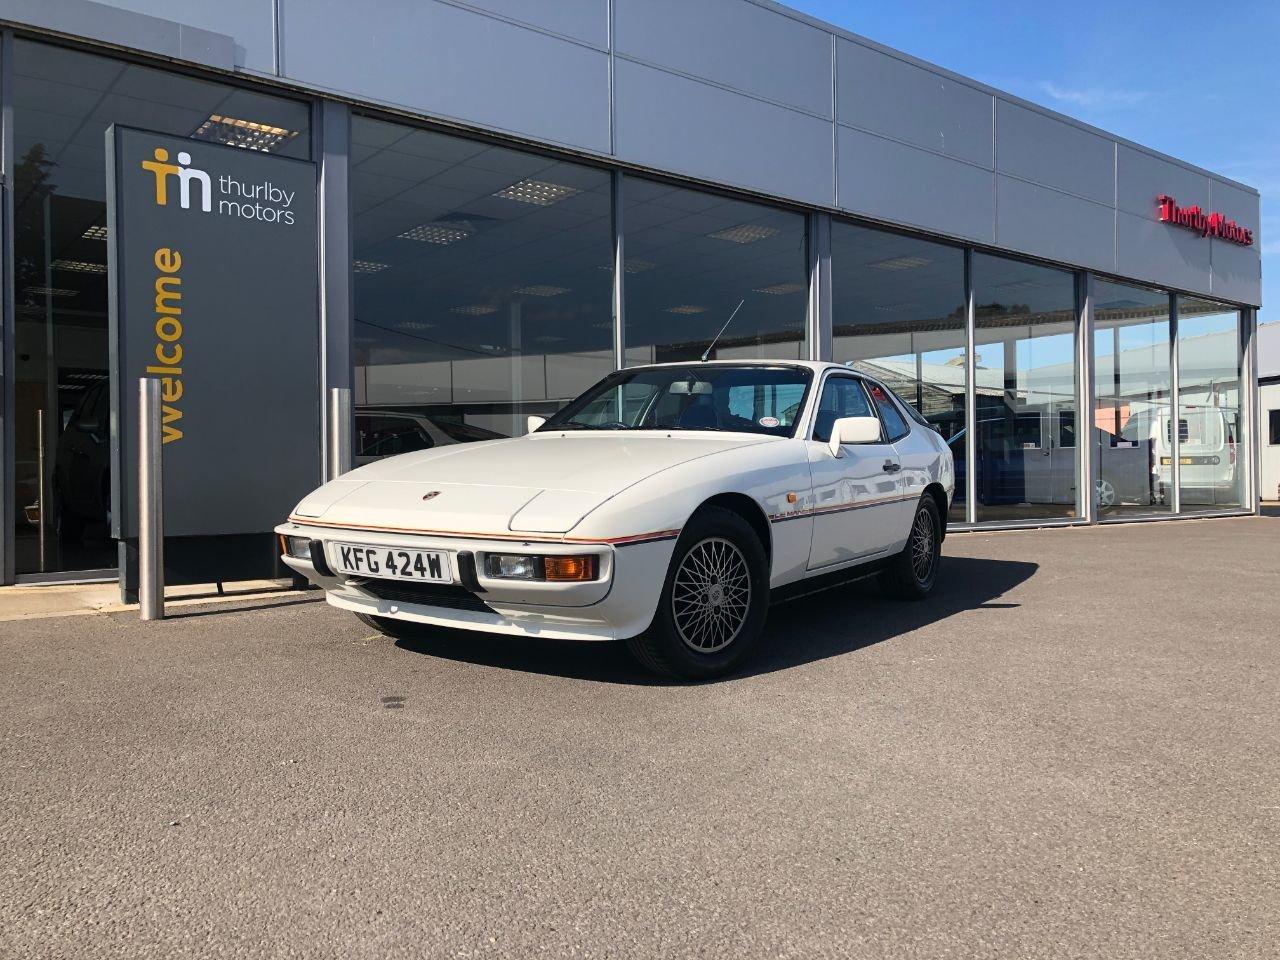 1980 Porsche 924 Le Man For Sale (picture 1 of 6)